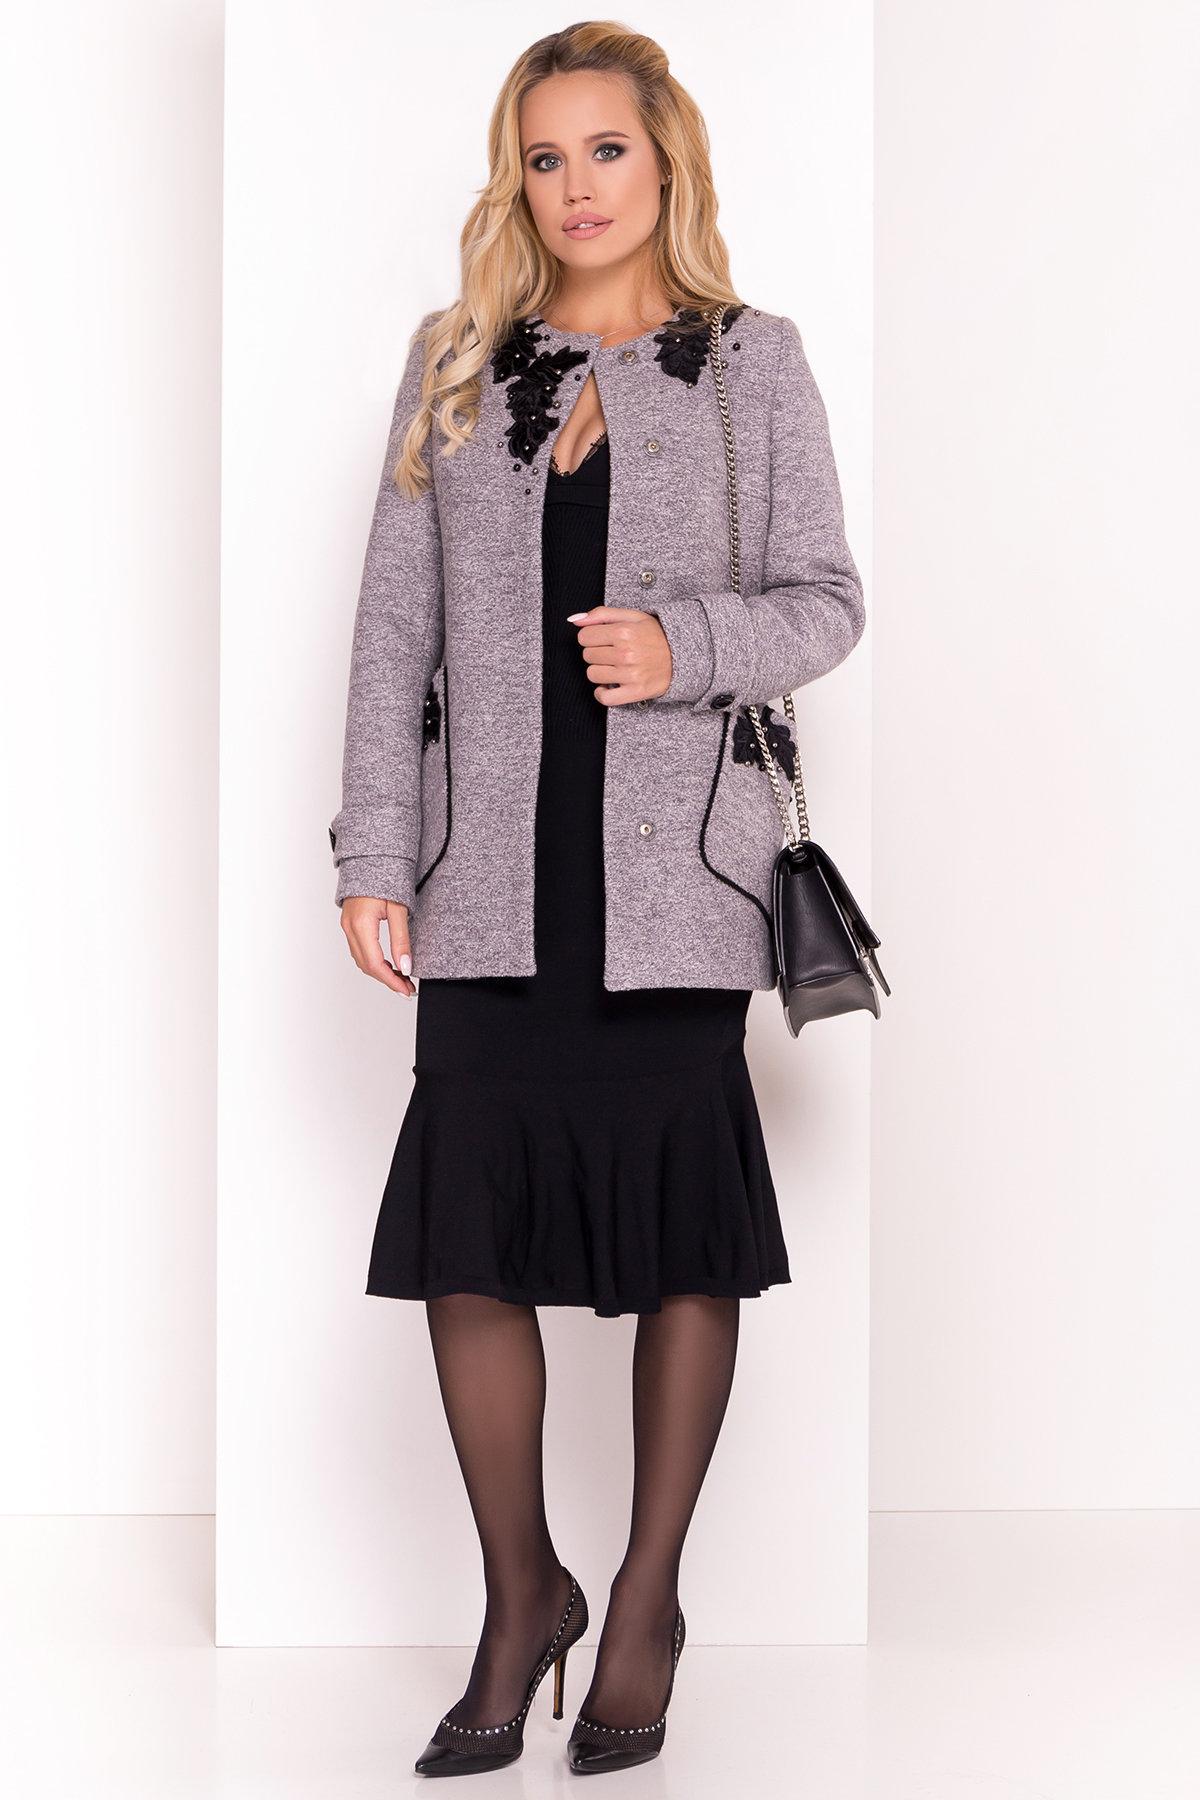 Пальто Латта 5328 АРТ. 37720 Цвет: Серый LW-10 - фото 1, интернет магазин tm-modus.ru